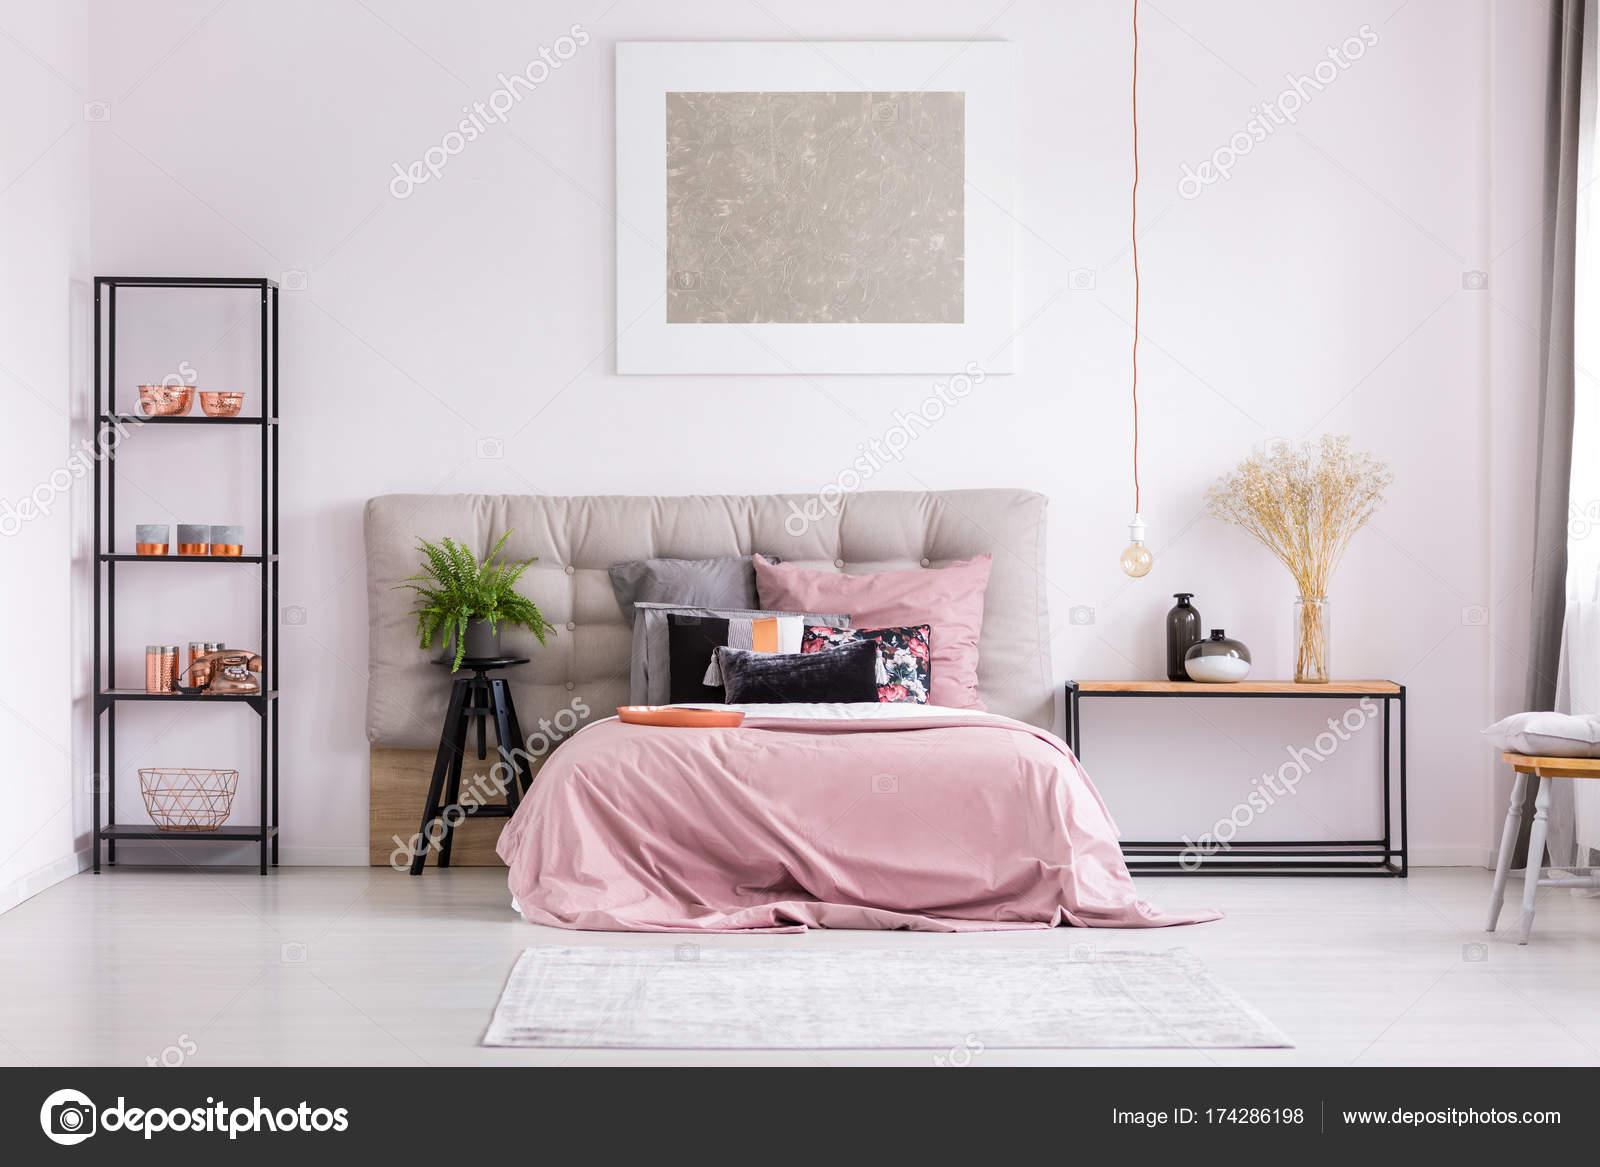 https://st3.depositphotos.com/2249091/17428/i/1600/depositphotos_174286198-stockafbeelding-stijlvolle-slaapkamer-met-metallic-ontwerp.jpg